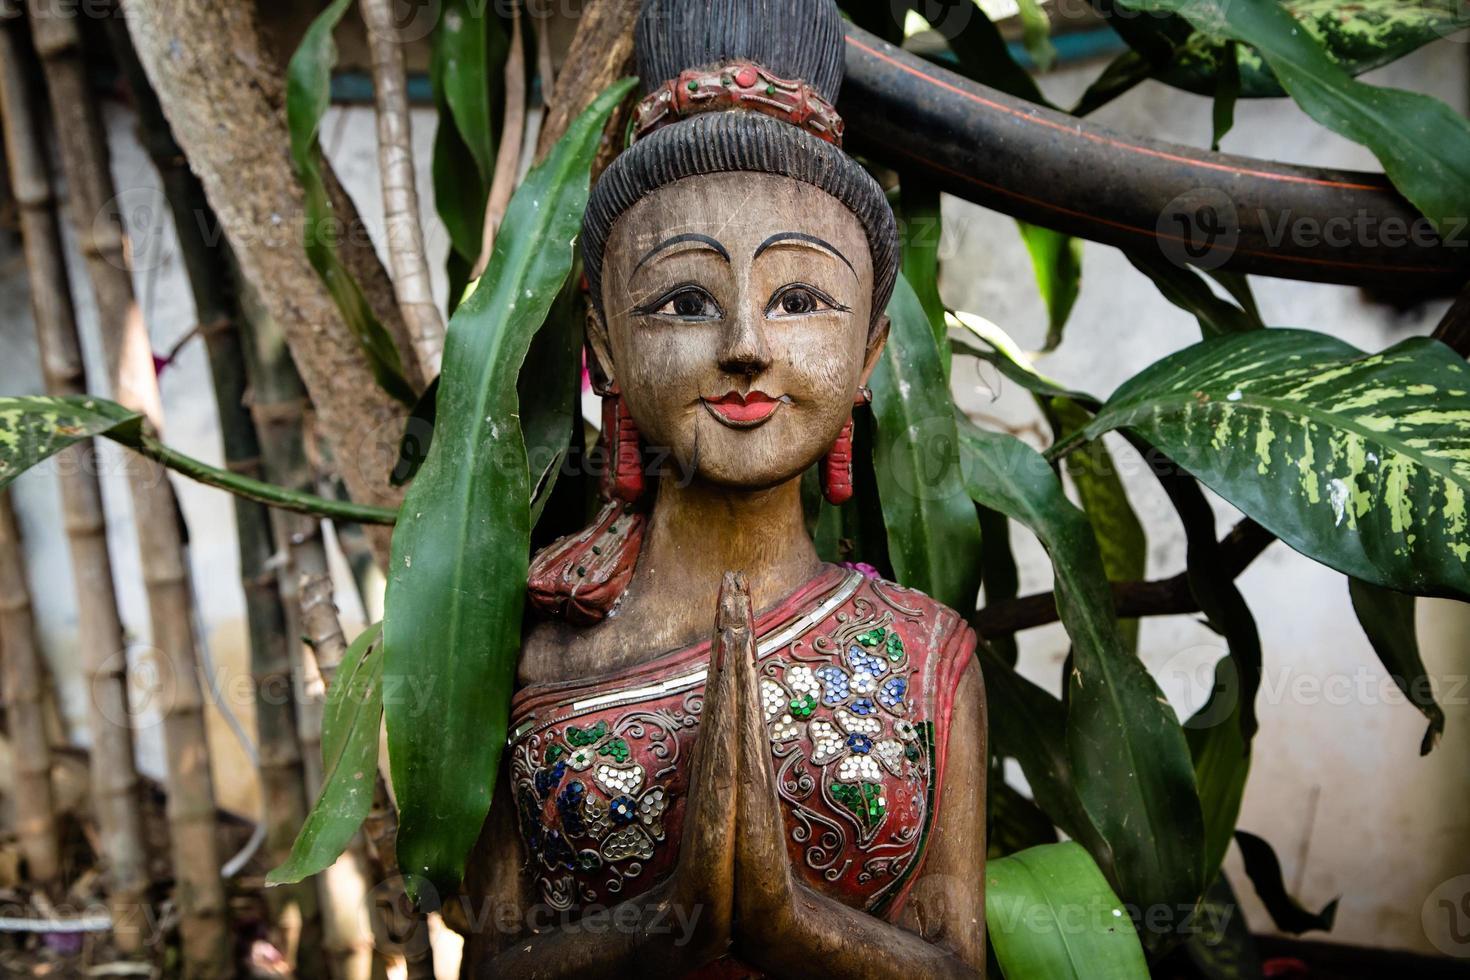 Skulptur der asiatischen Frau in Thailand foto